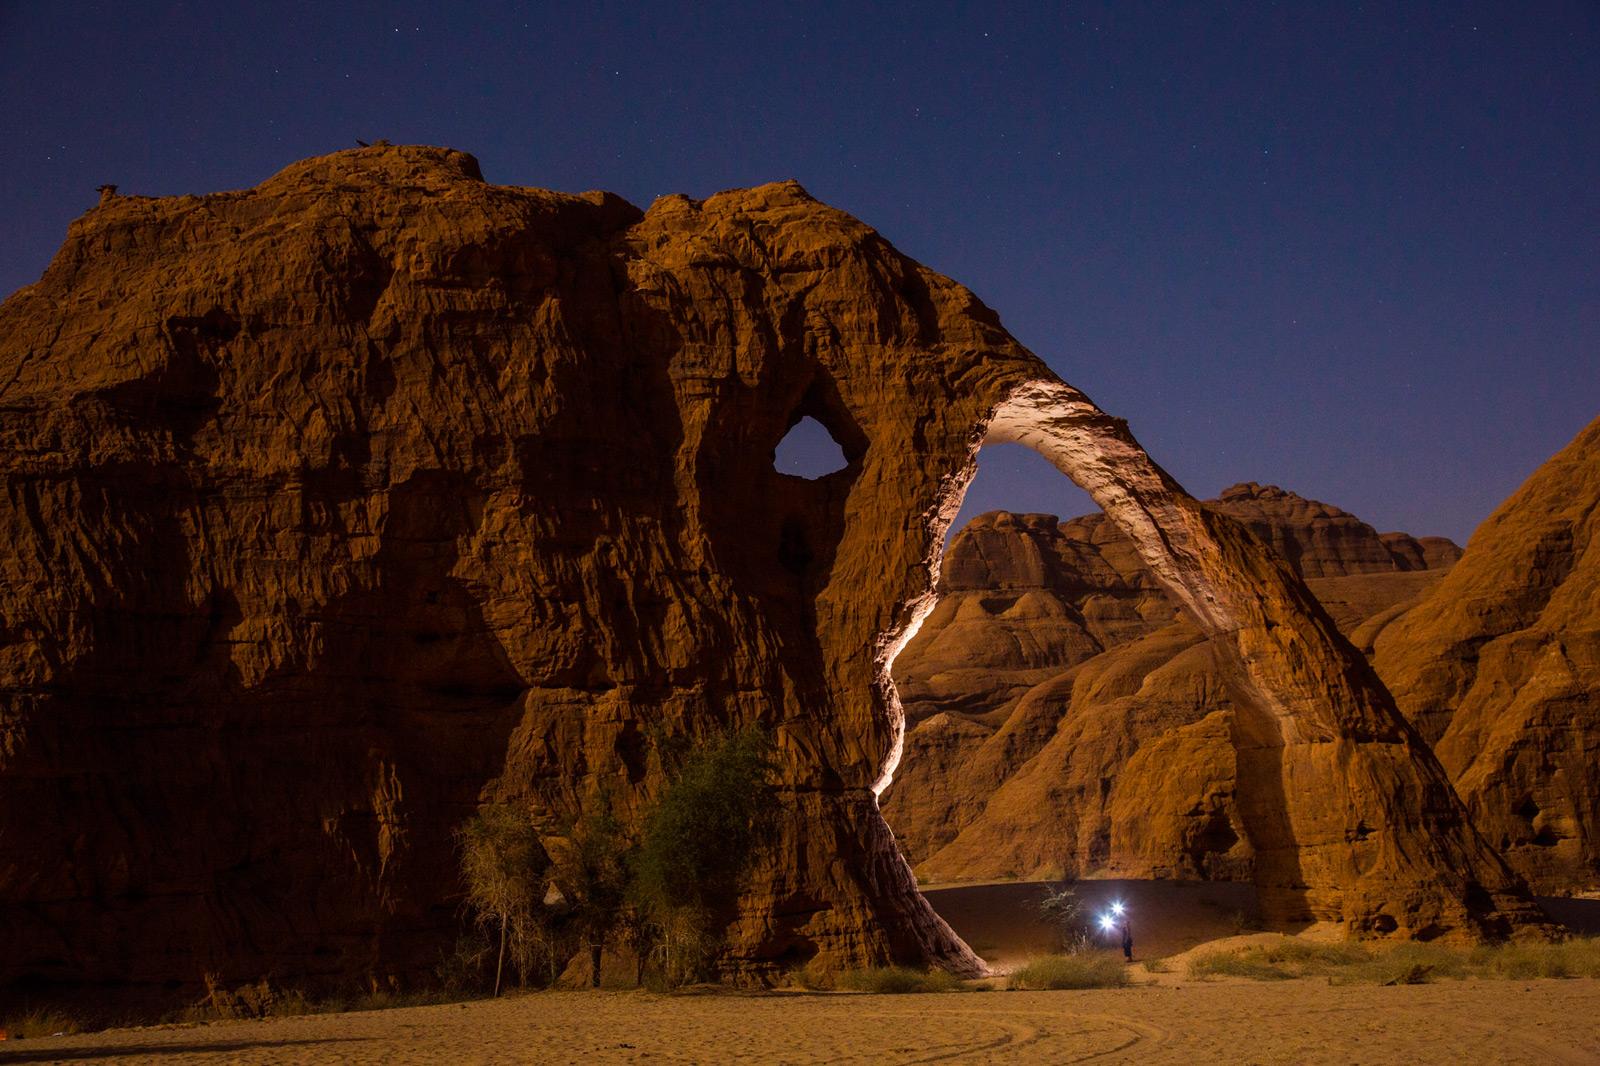 Arche-de-l'Elephant-africas-arches-national-park